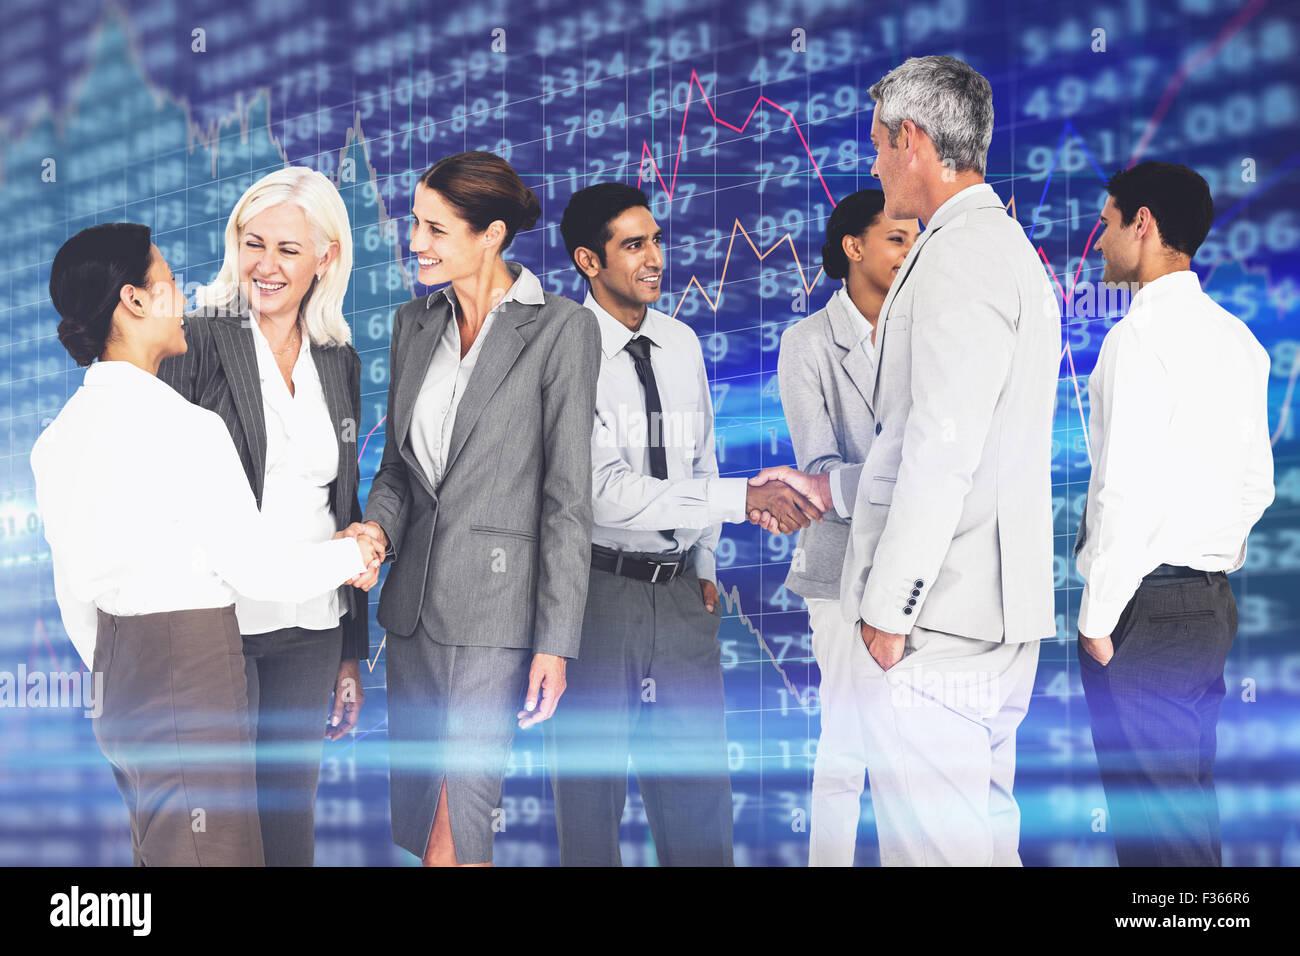 Immagine composita della gente di affari di parlare insieme Immagini Stock